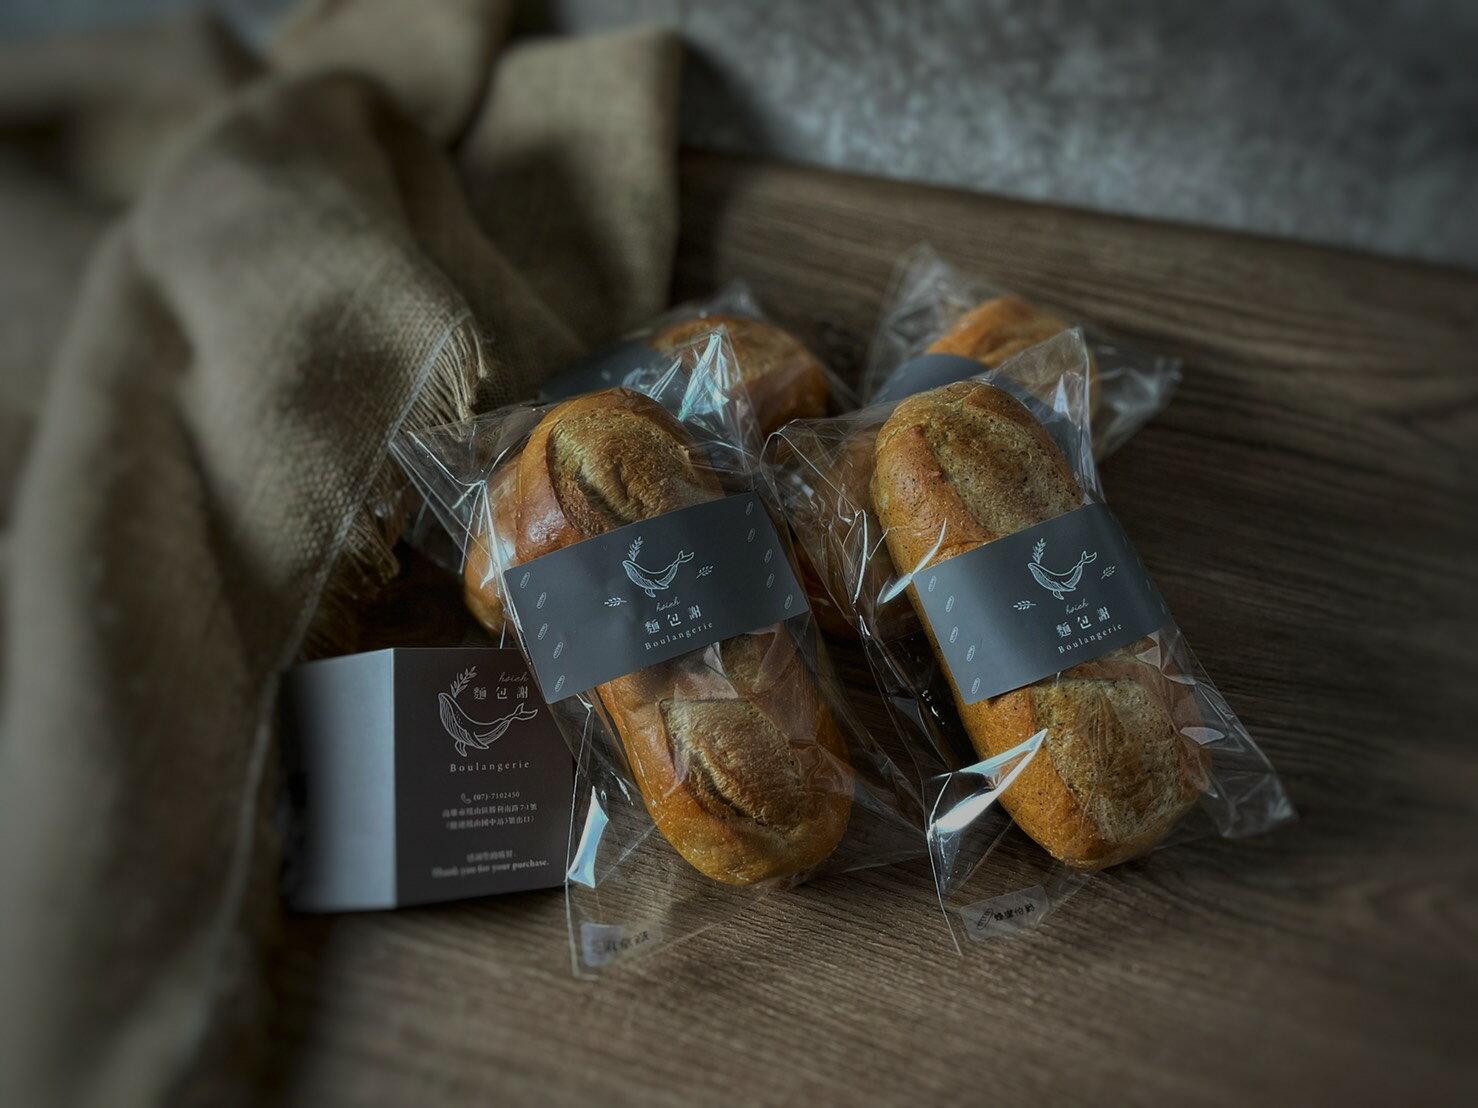 麵包謝 Boulangerie Hsieh 冰心維也納 110克10克